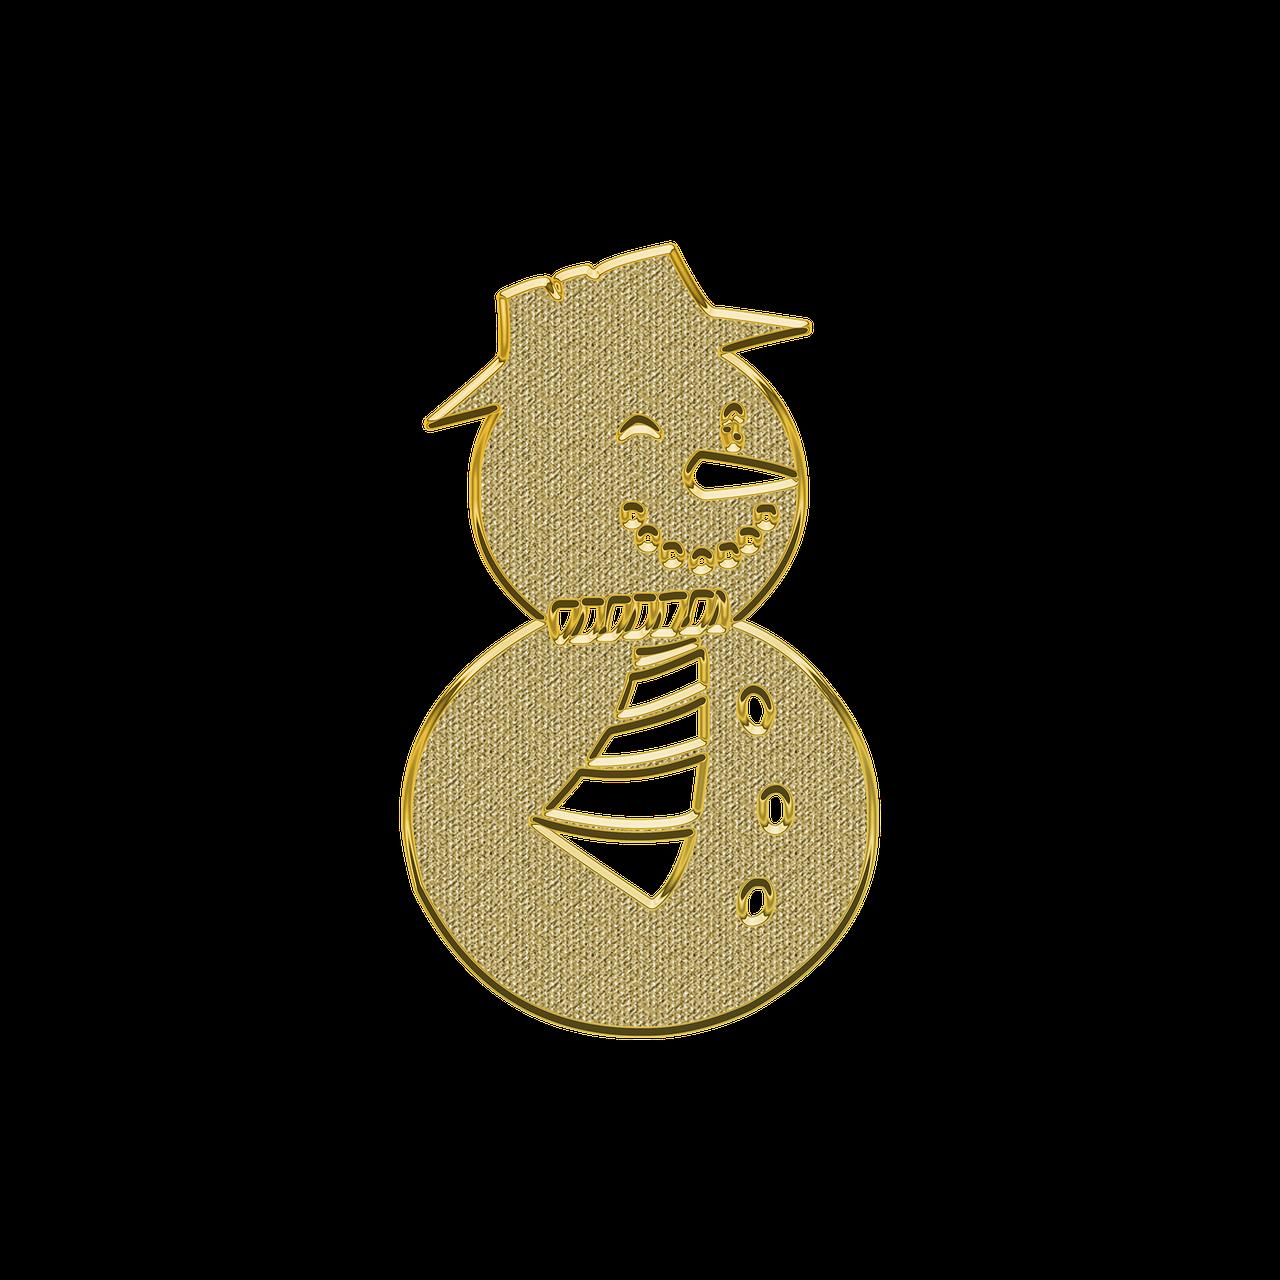 ornament-2943349_1280.png